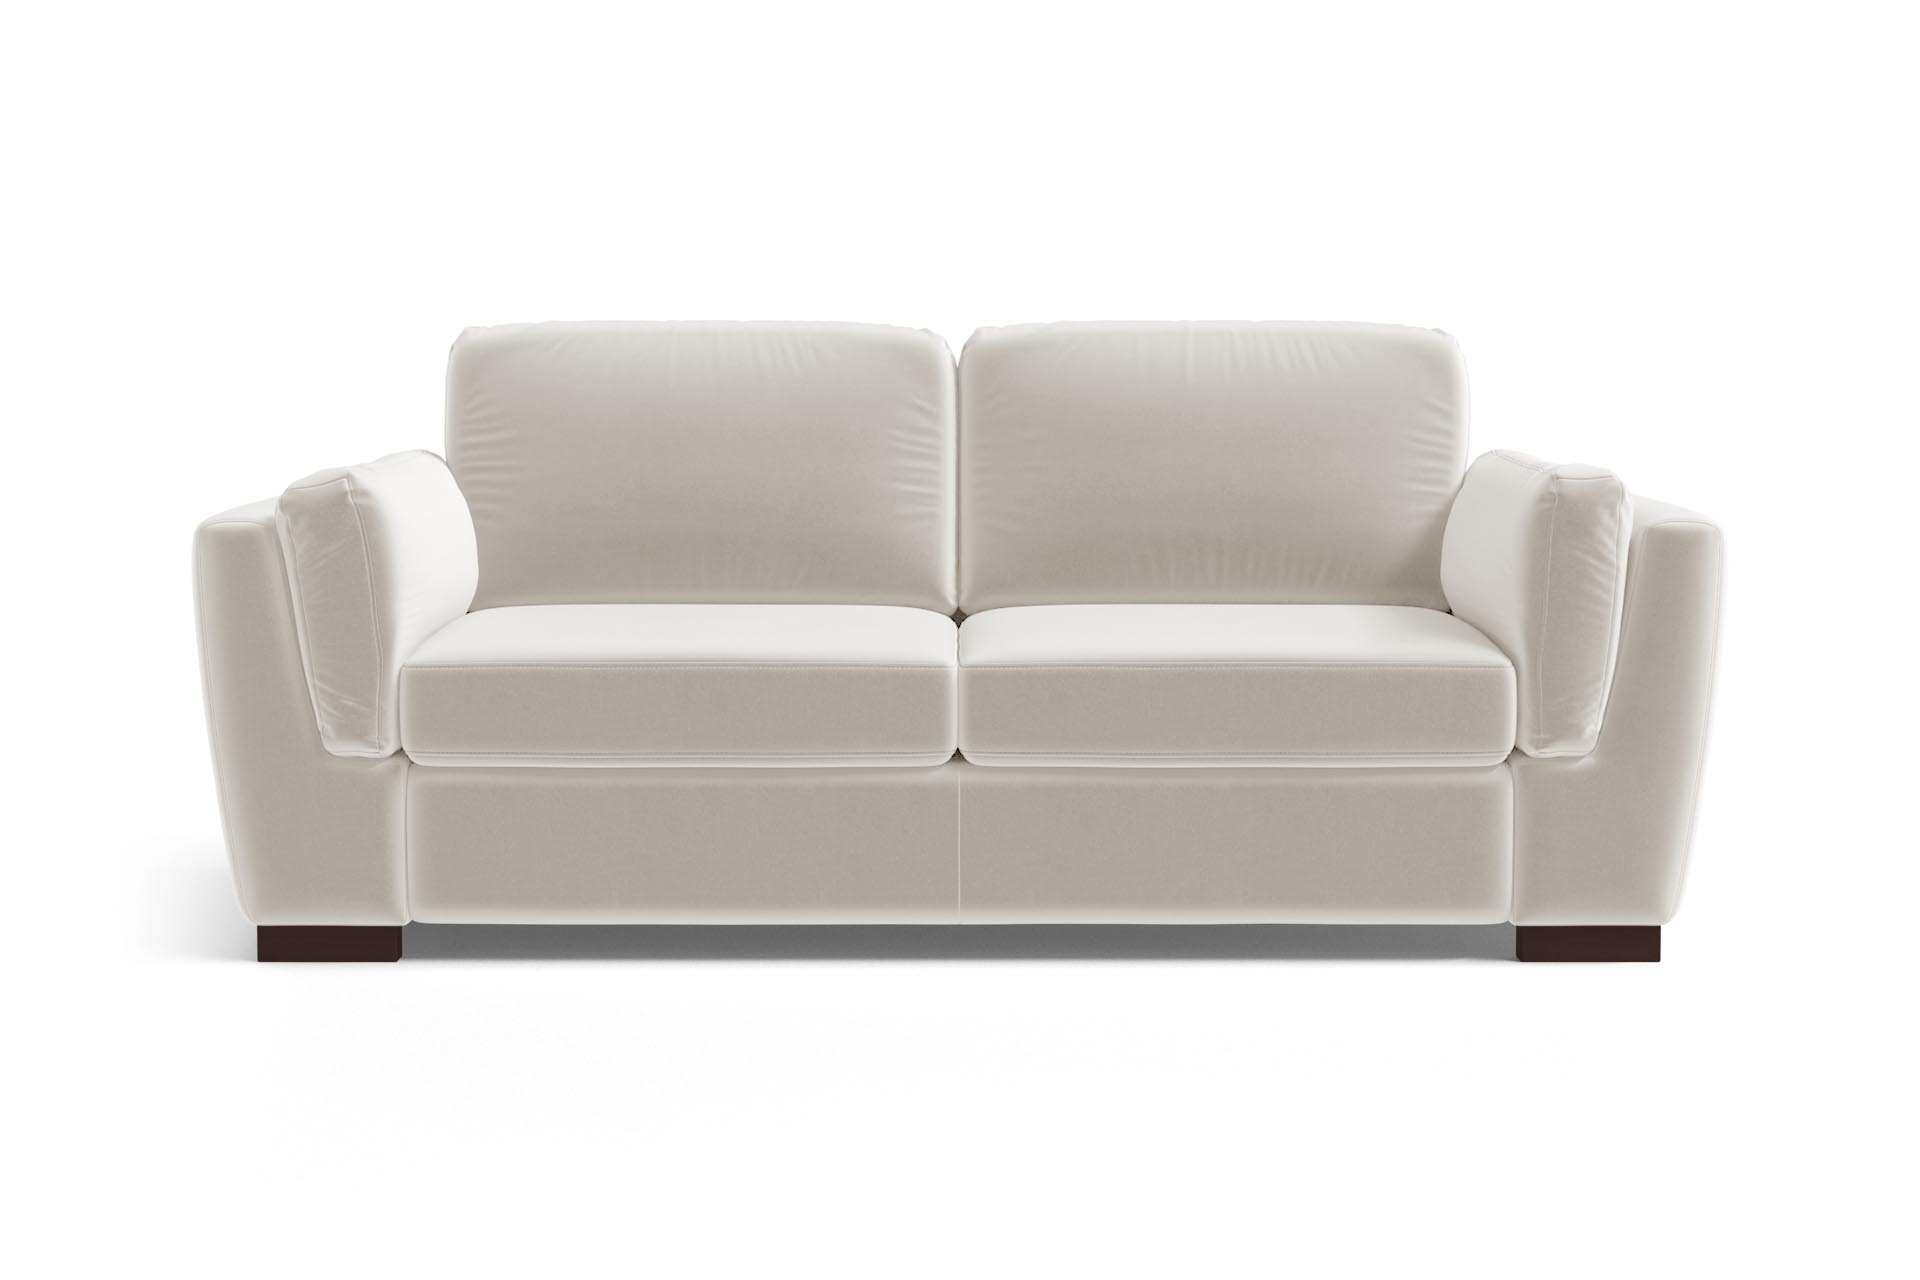 Canapé 2 places en velours blanc cassé